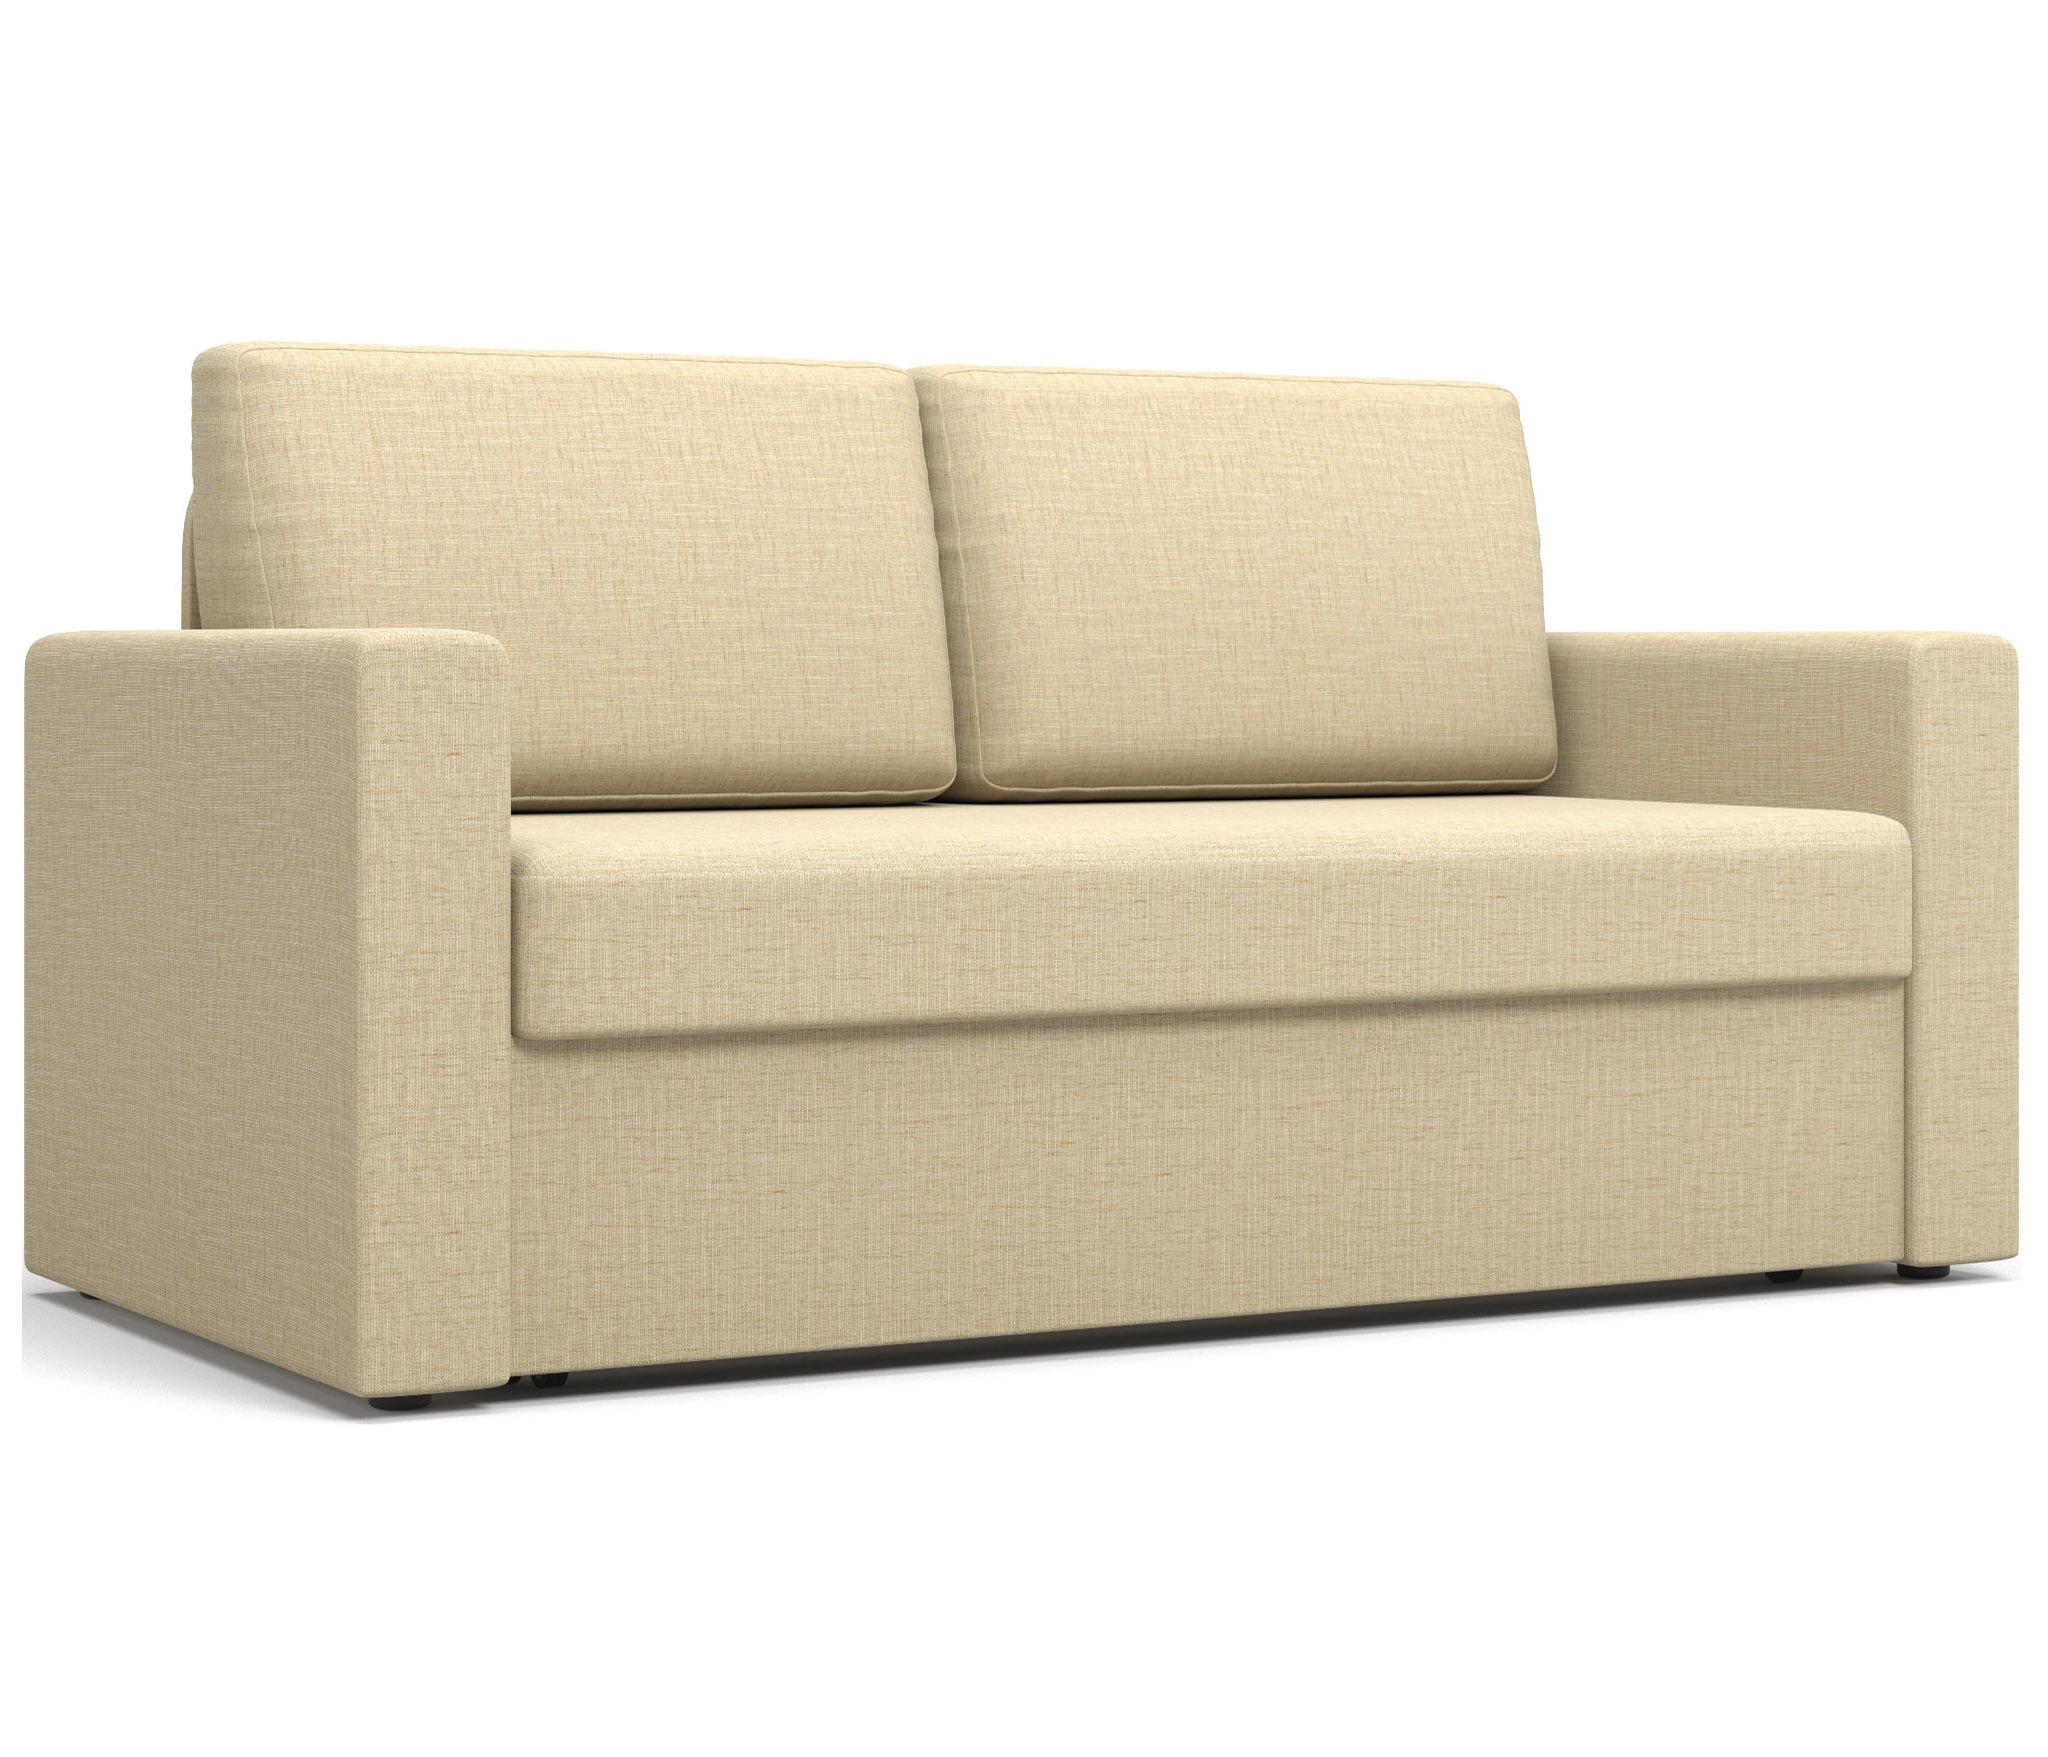 Джессика мини-диванМягкая мебель<br>Механизм трансформации: Дельфин&#13;Наличие ящика для белья: нет&#13;Материал каркаса: Массив, Фанера&#13;Наполнитель: ППУ&#13;Размер спального места: 1390х1880 мм&#13;Высота сиденья от пола: 45 см.&#13;]]&gt;<br><br>Длина мм: 1620<br>Высота мм: 860<br>Глубина мм: 880